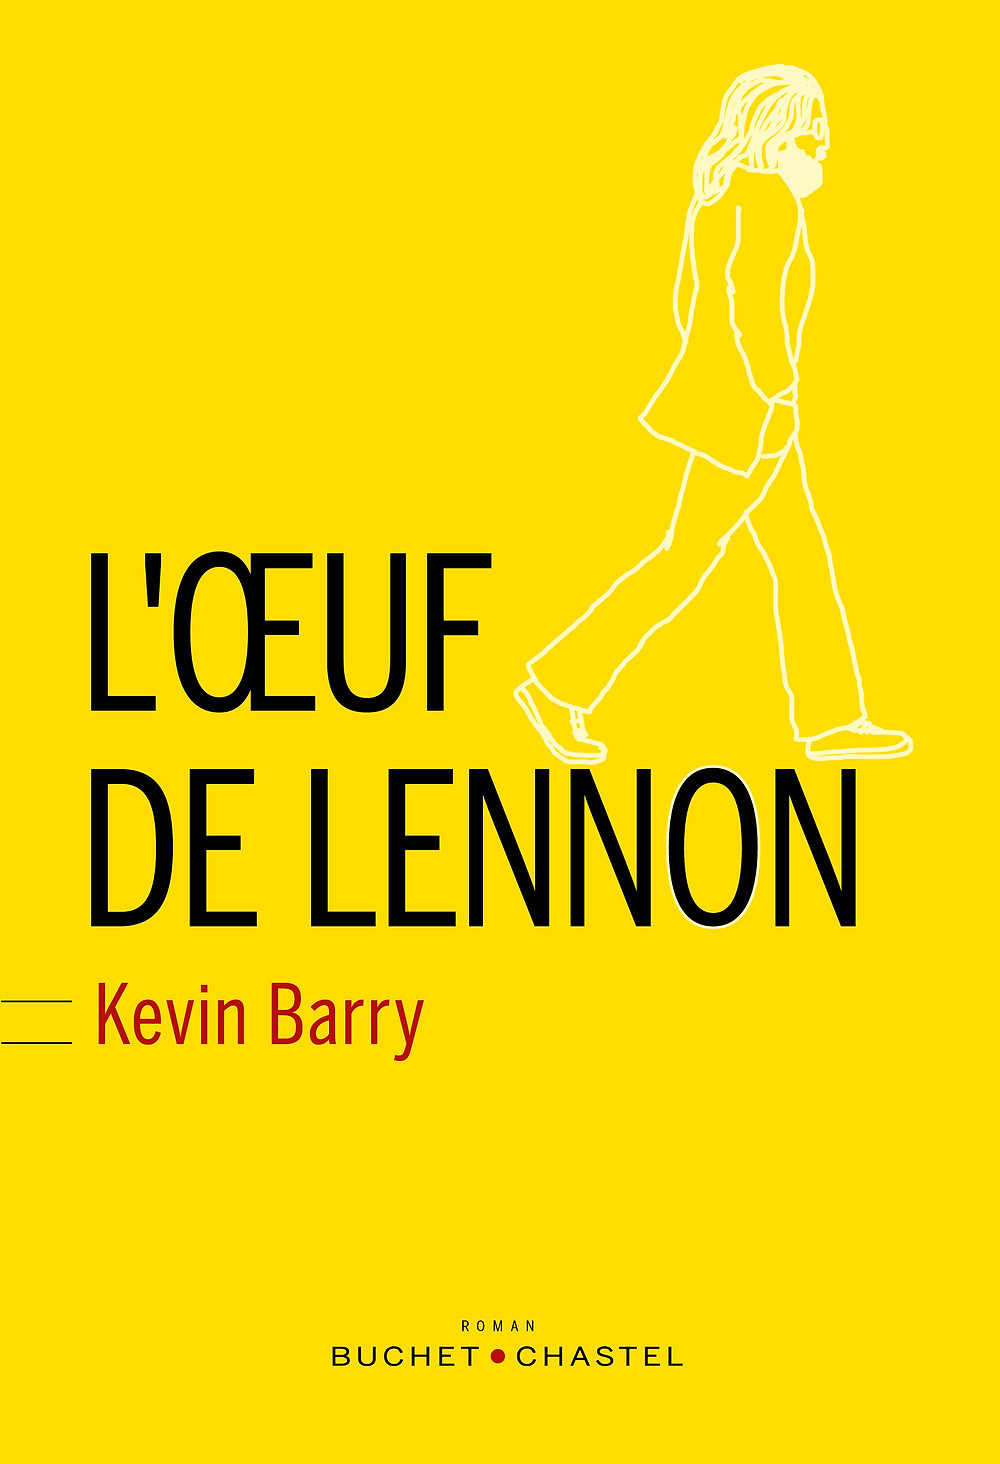 Nuit de la littérature - Kevin Barry